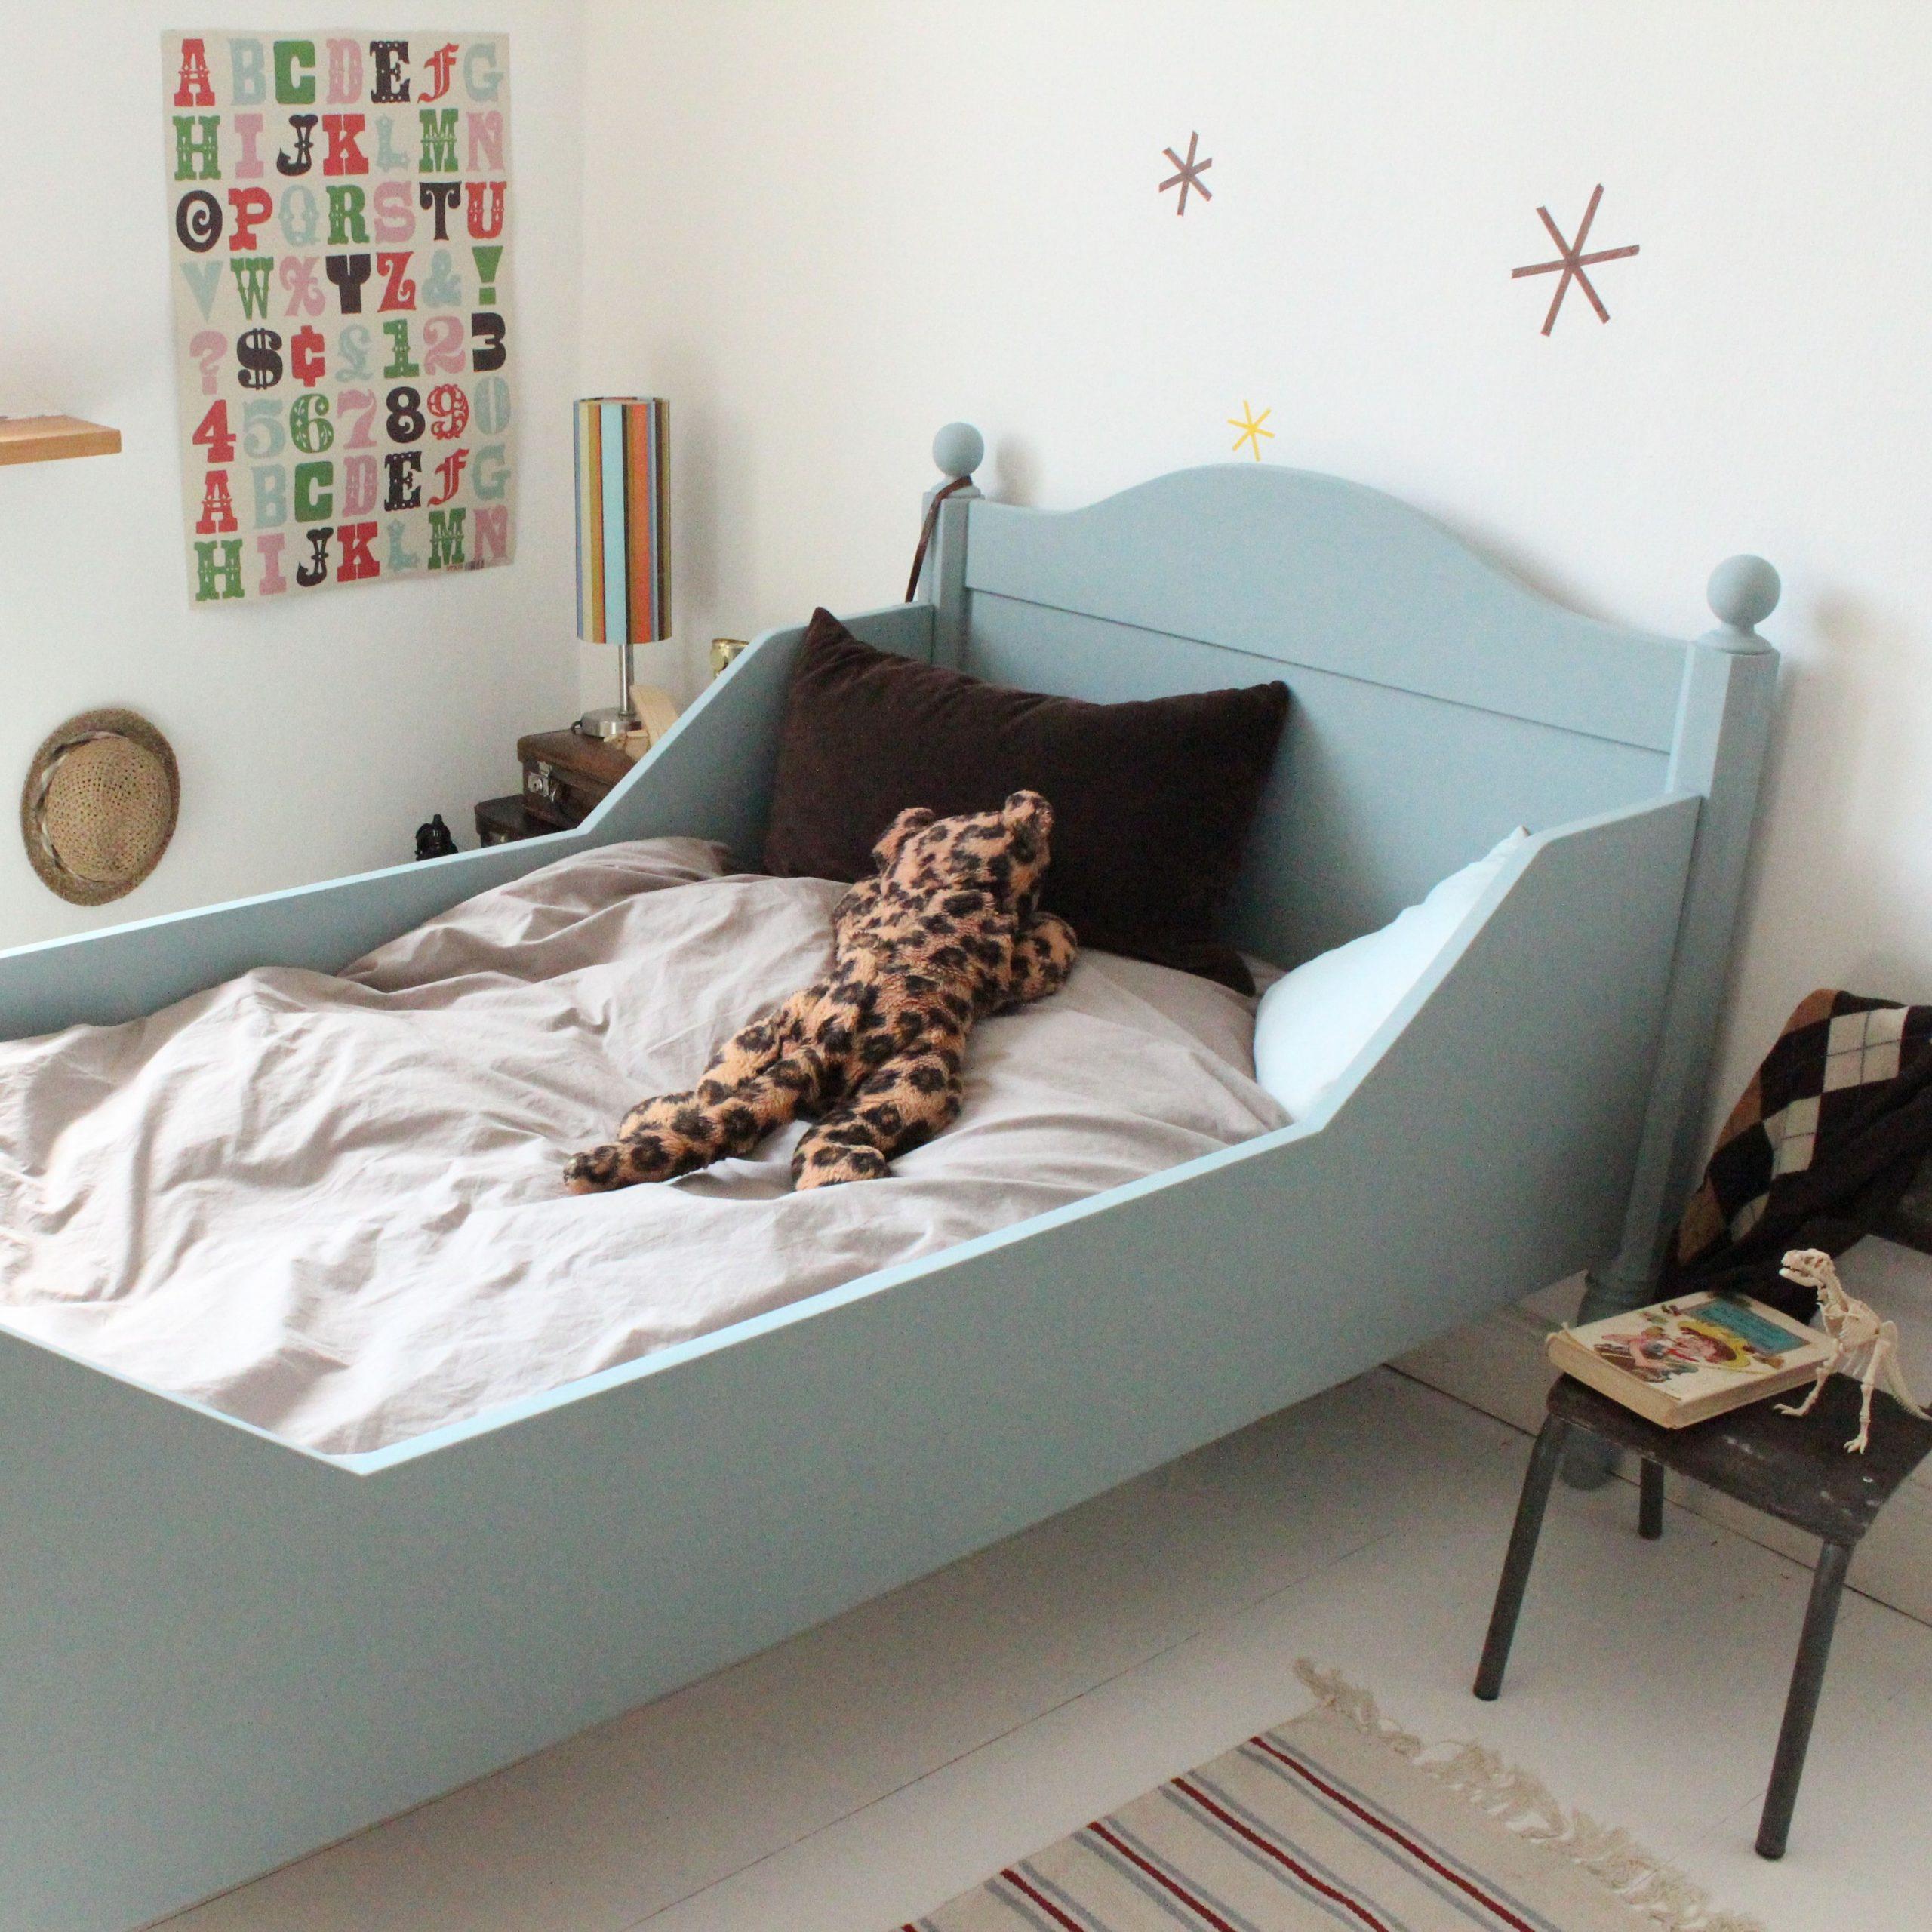 Full Size of Antike Betten Fr Auf Andersundartigcom Antique Bed For 140x200 Billige Billerbeck Gebrauchte Günstig Kaufen Rauch Mit Matratze Und Lattenrost Für Bett Antike Betten